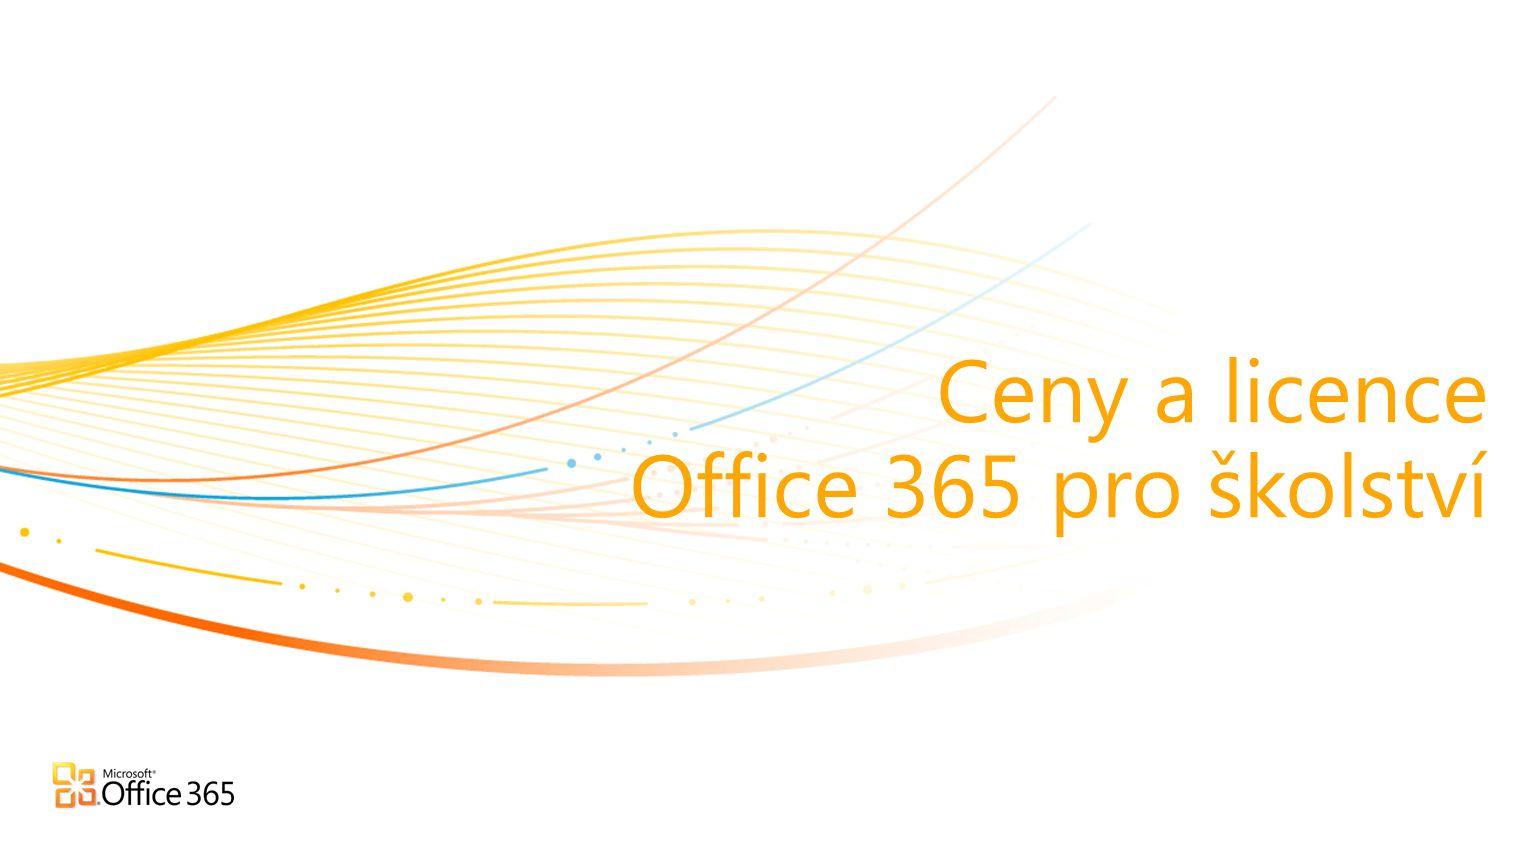 | Copyright© 2010 Microsoft Corporation Ceny Office 365 pro školství Je možné objednat libovolné množství licencí Plány lze libovolně kombinovat v libovolných množstvích